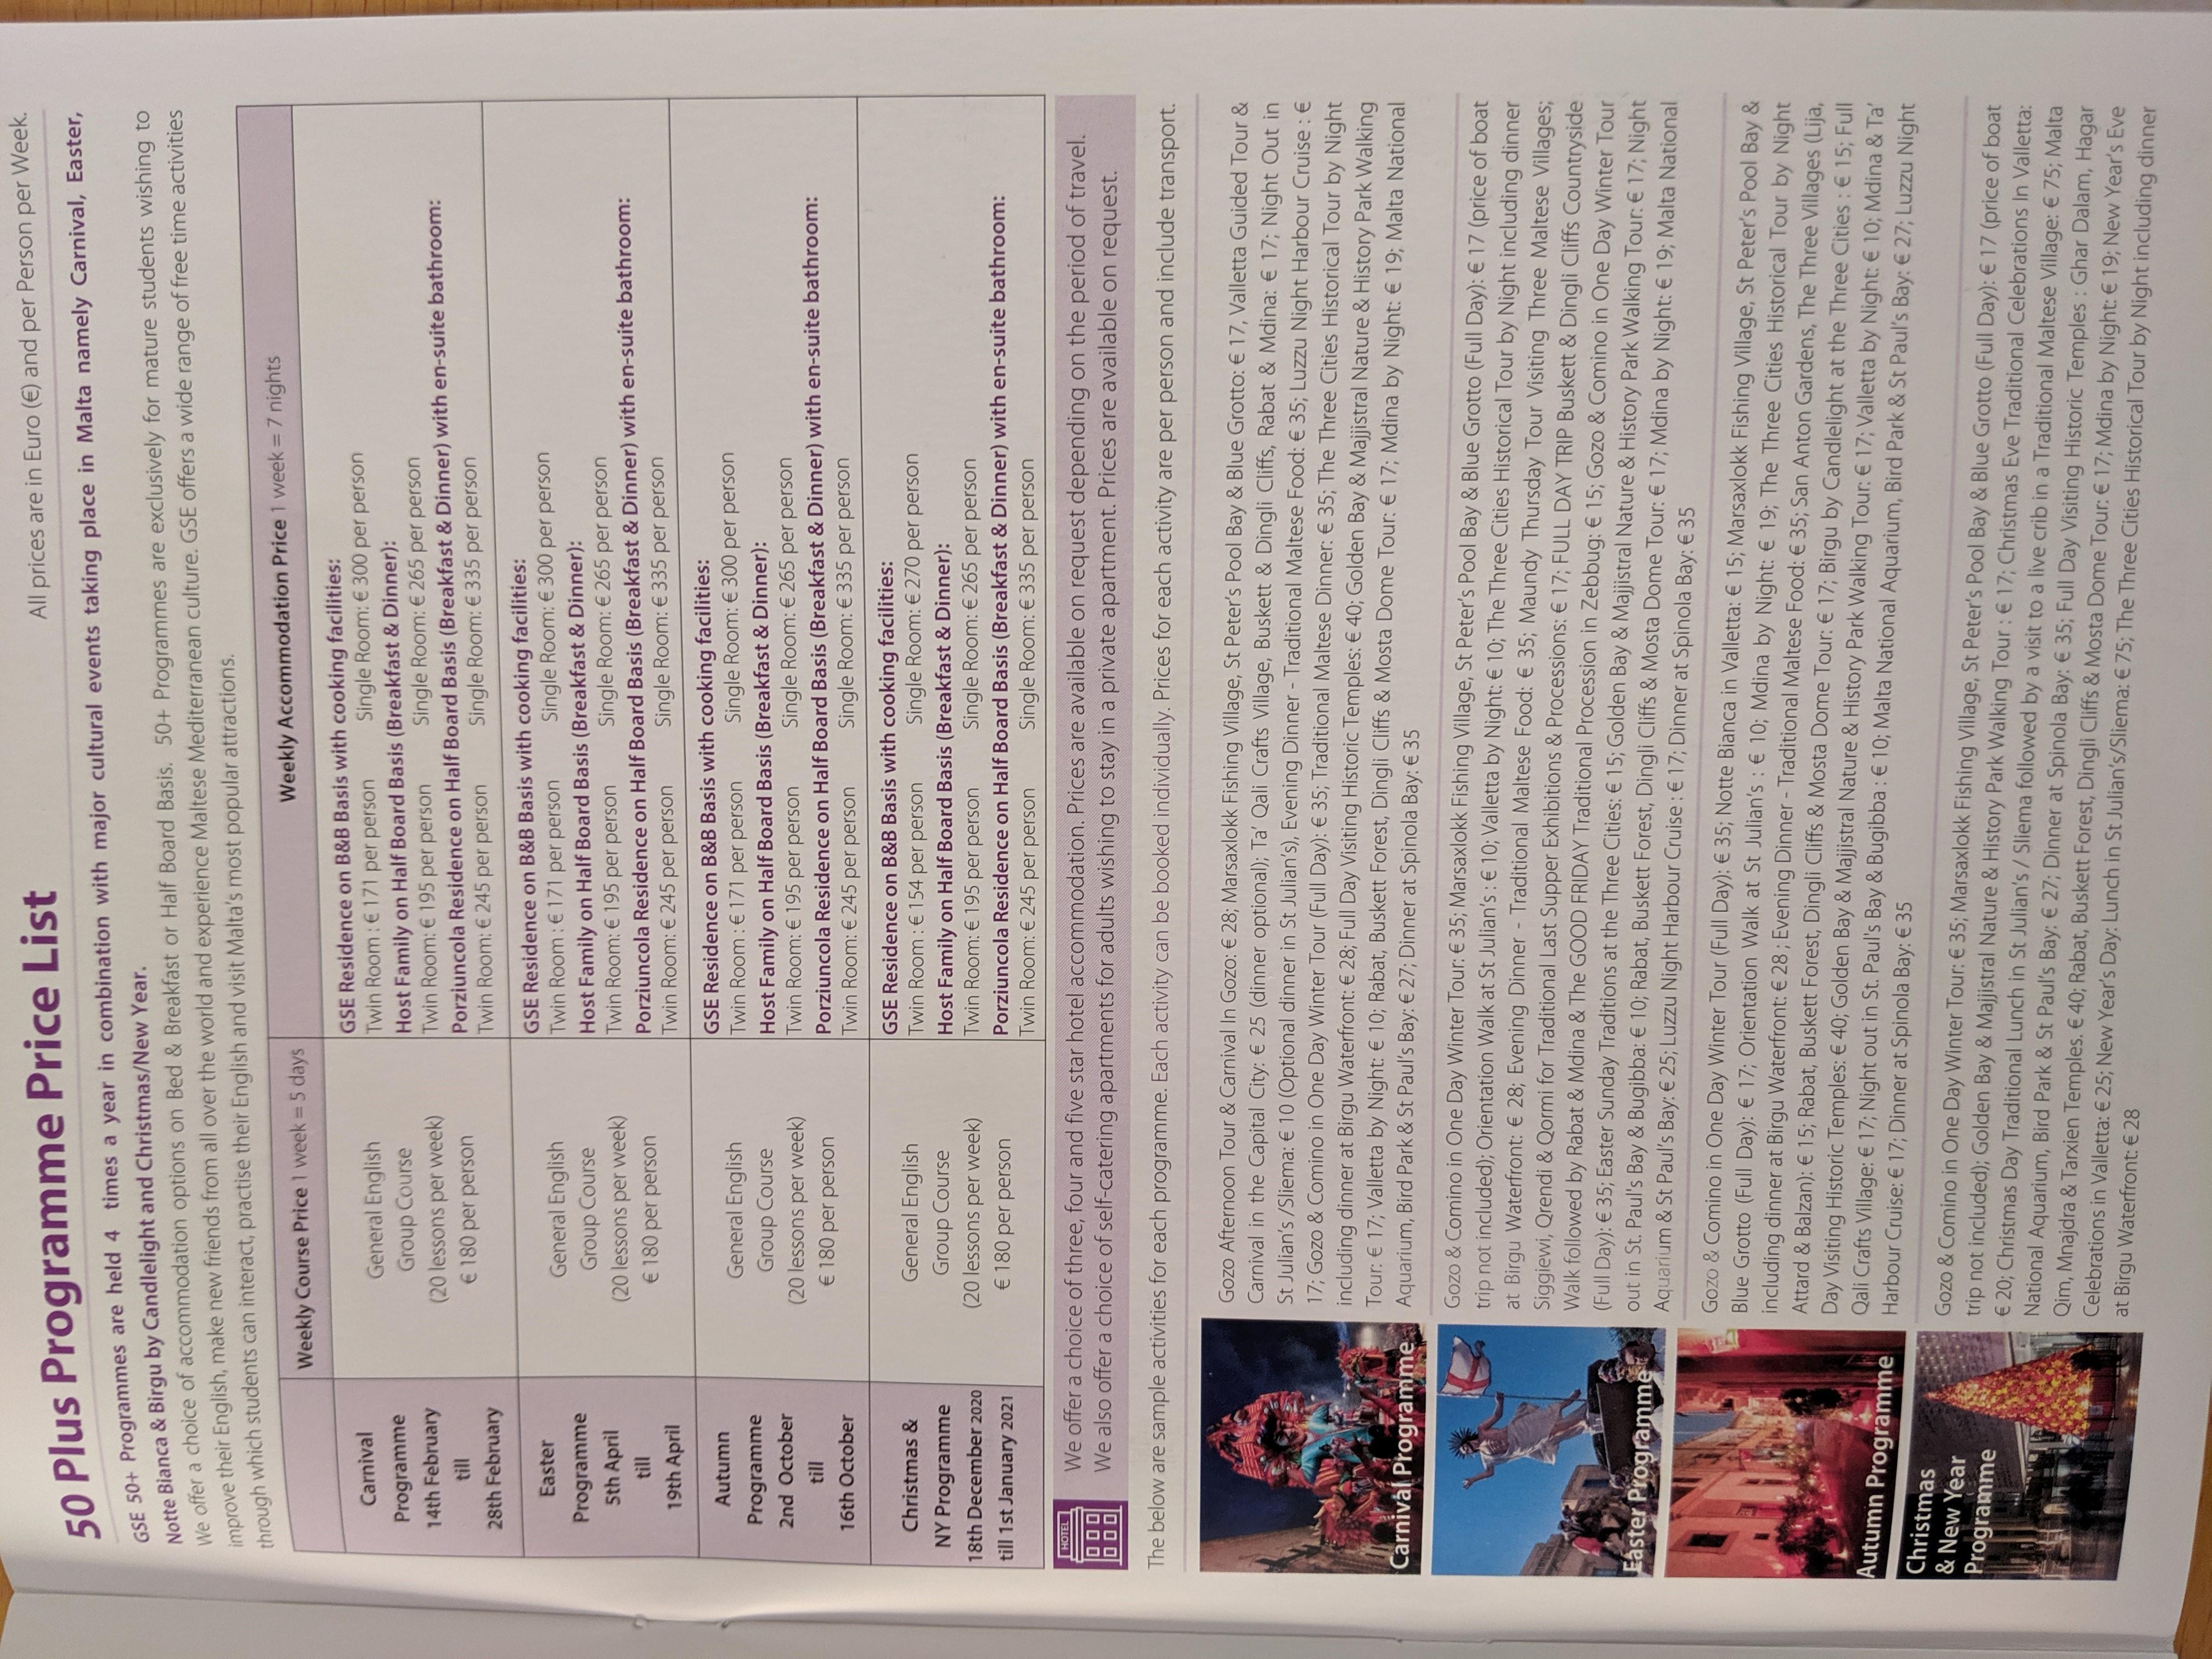 GSE Malta English 50 plus programmes 2020 (2)